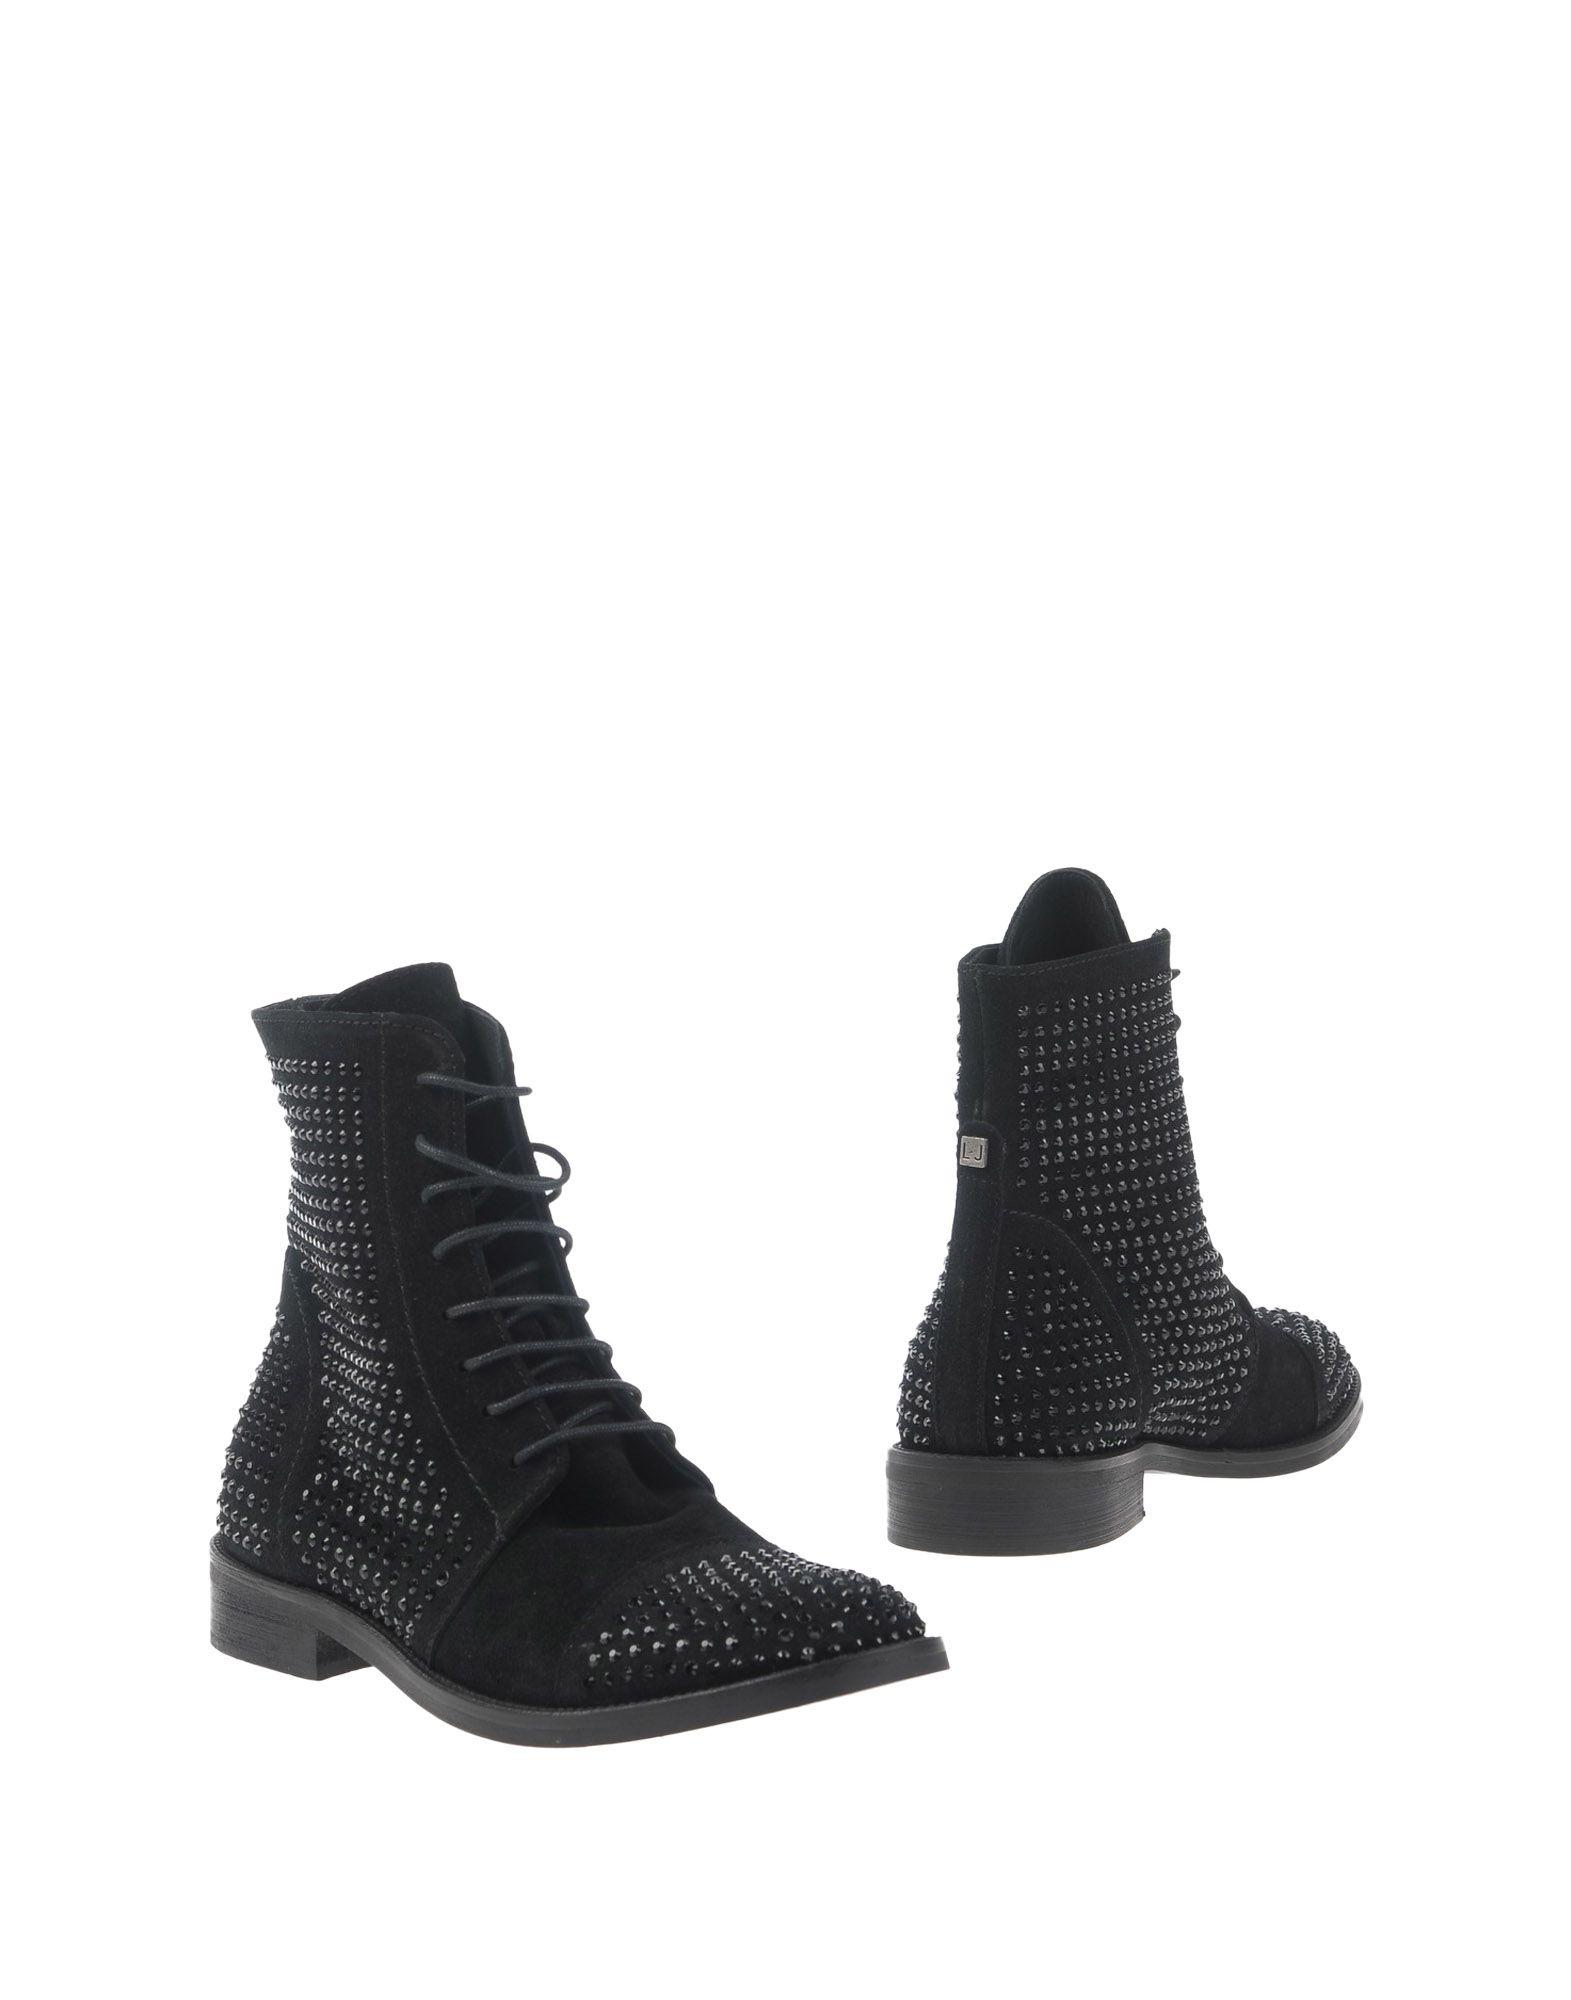 Stivaletti - Liu •Jo Shoes Donna - Stivaletti 11300716RI a9b218